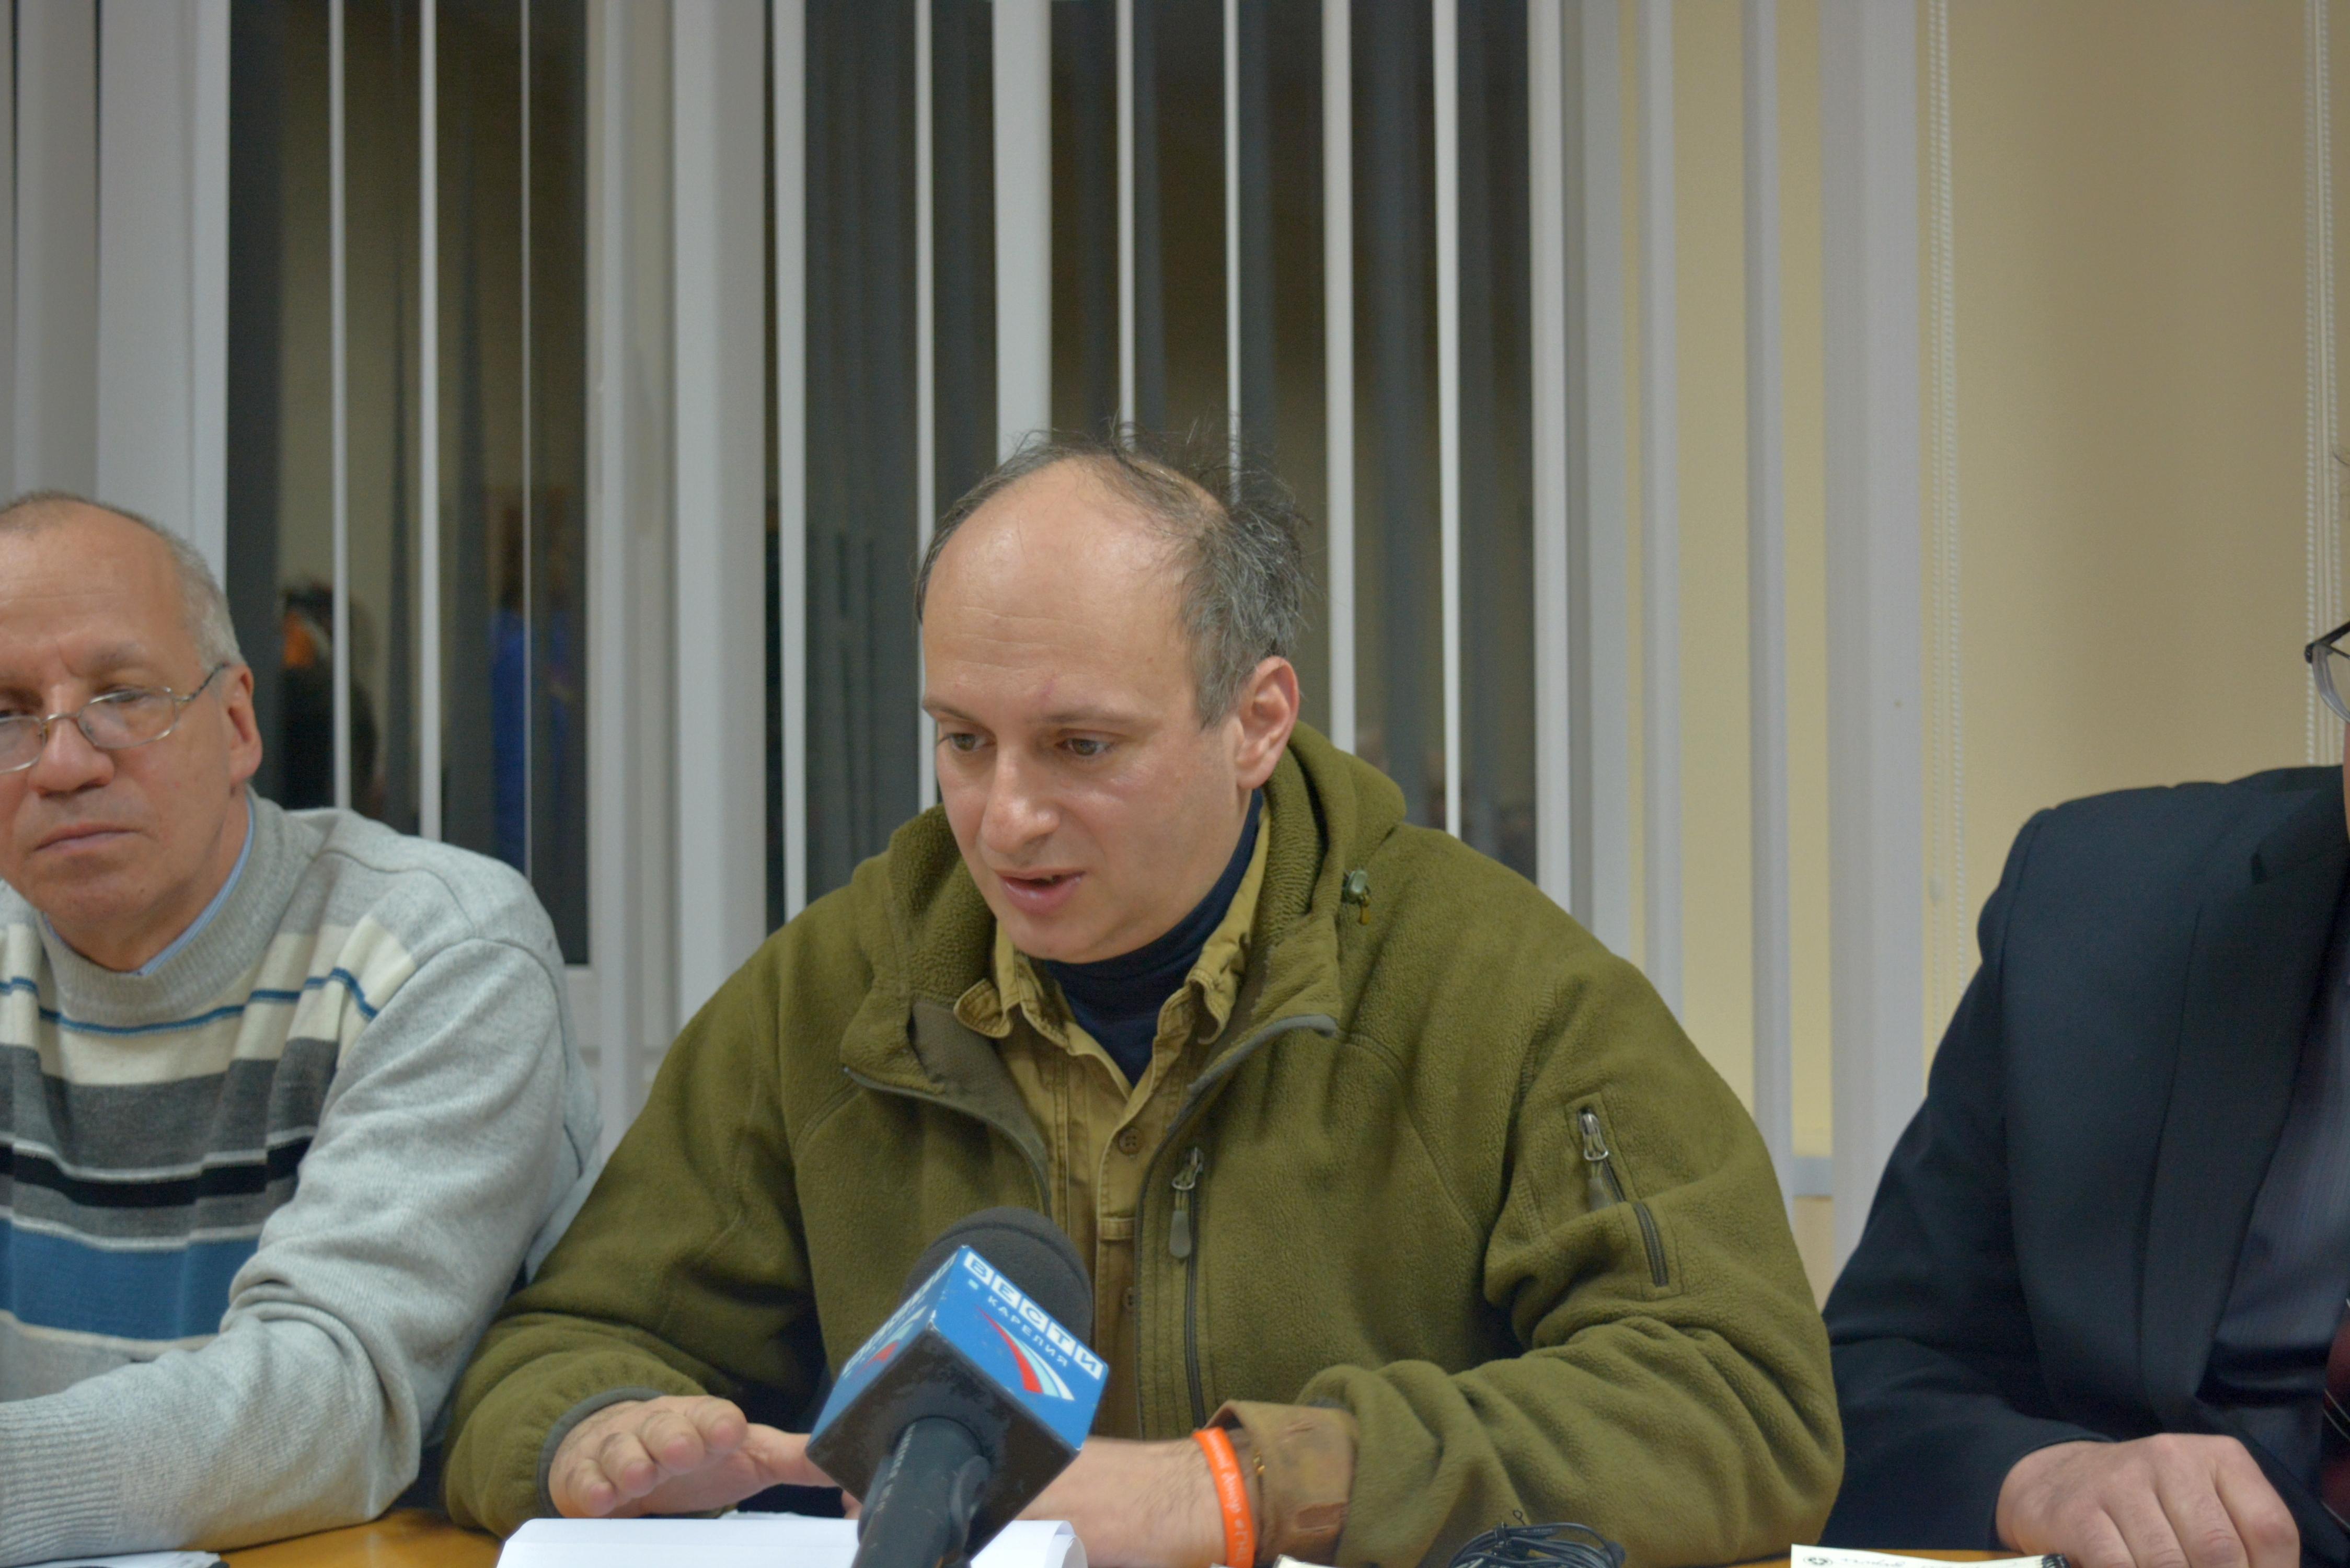 Михаил Крейндлин. Фото: Алексей Владимиров